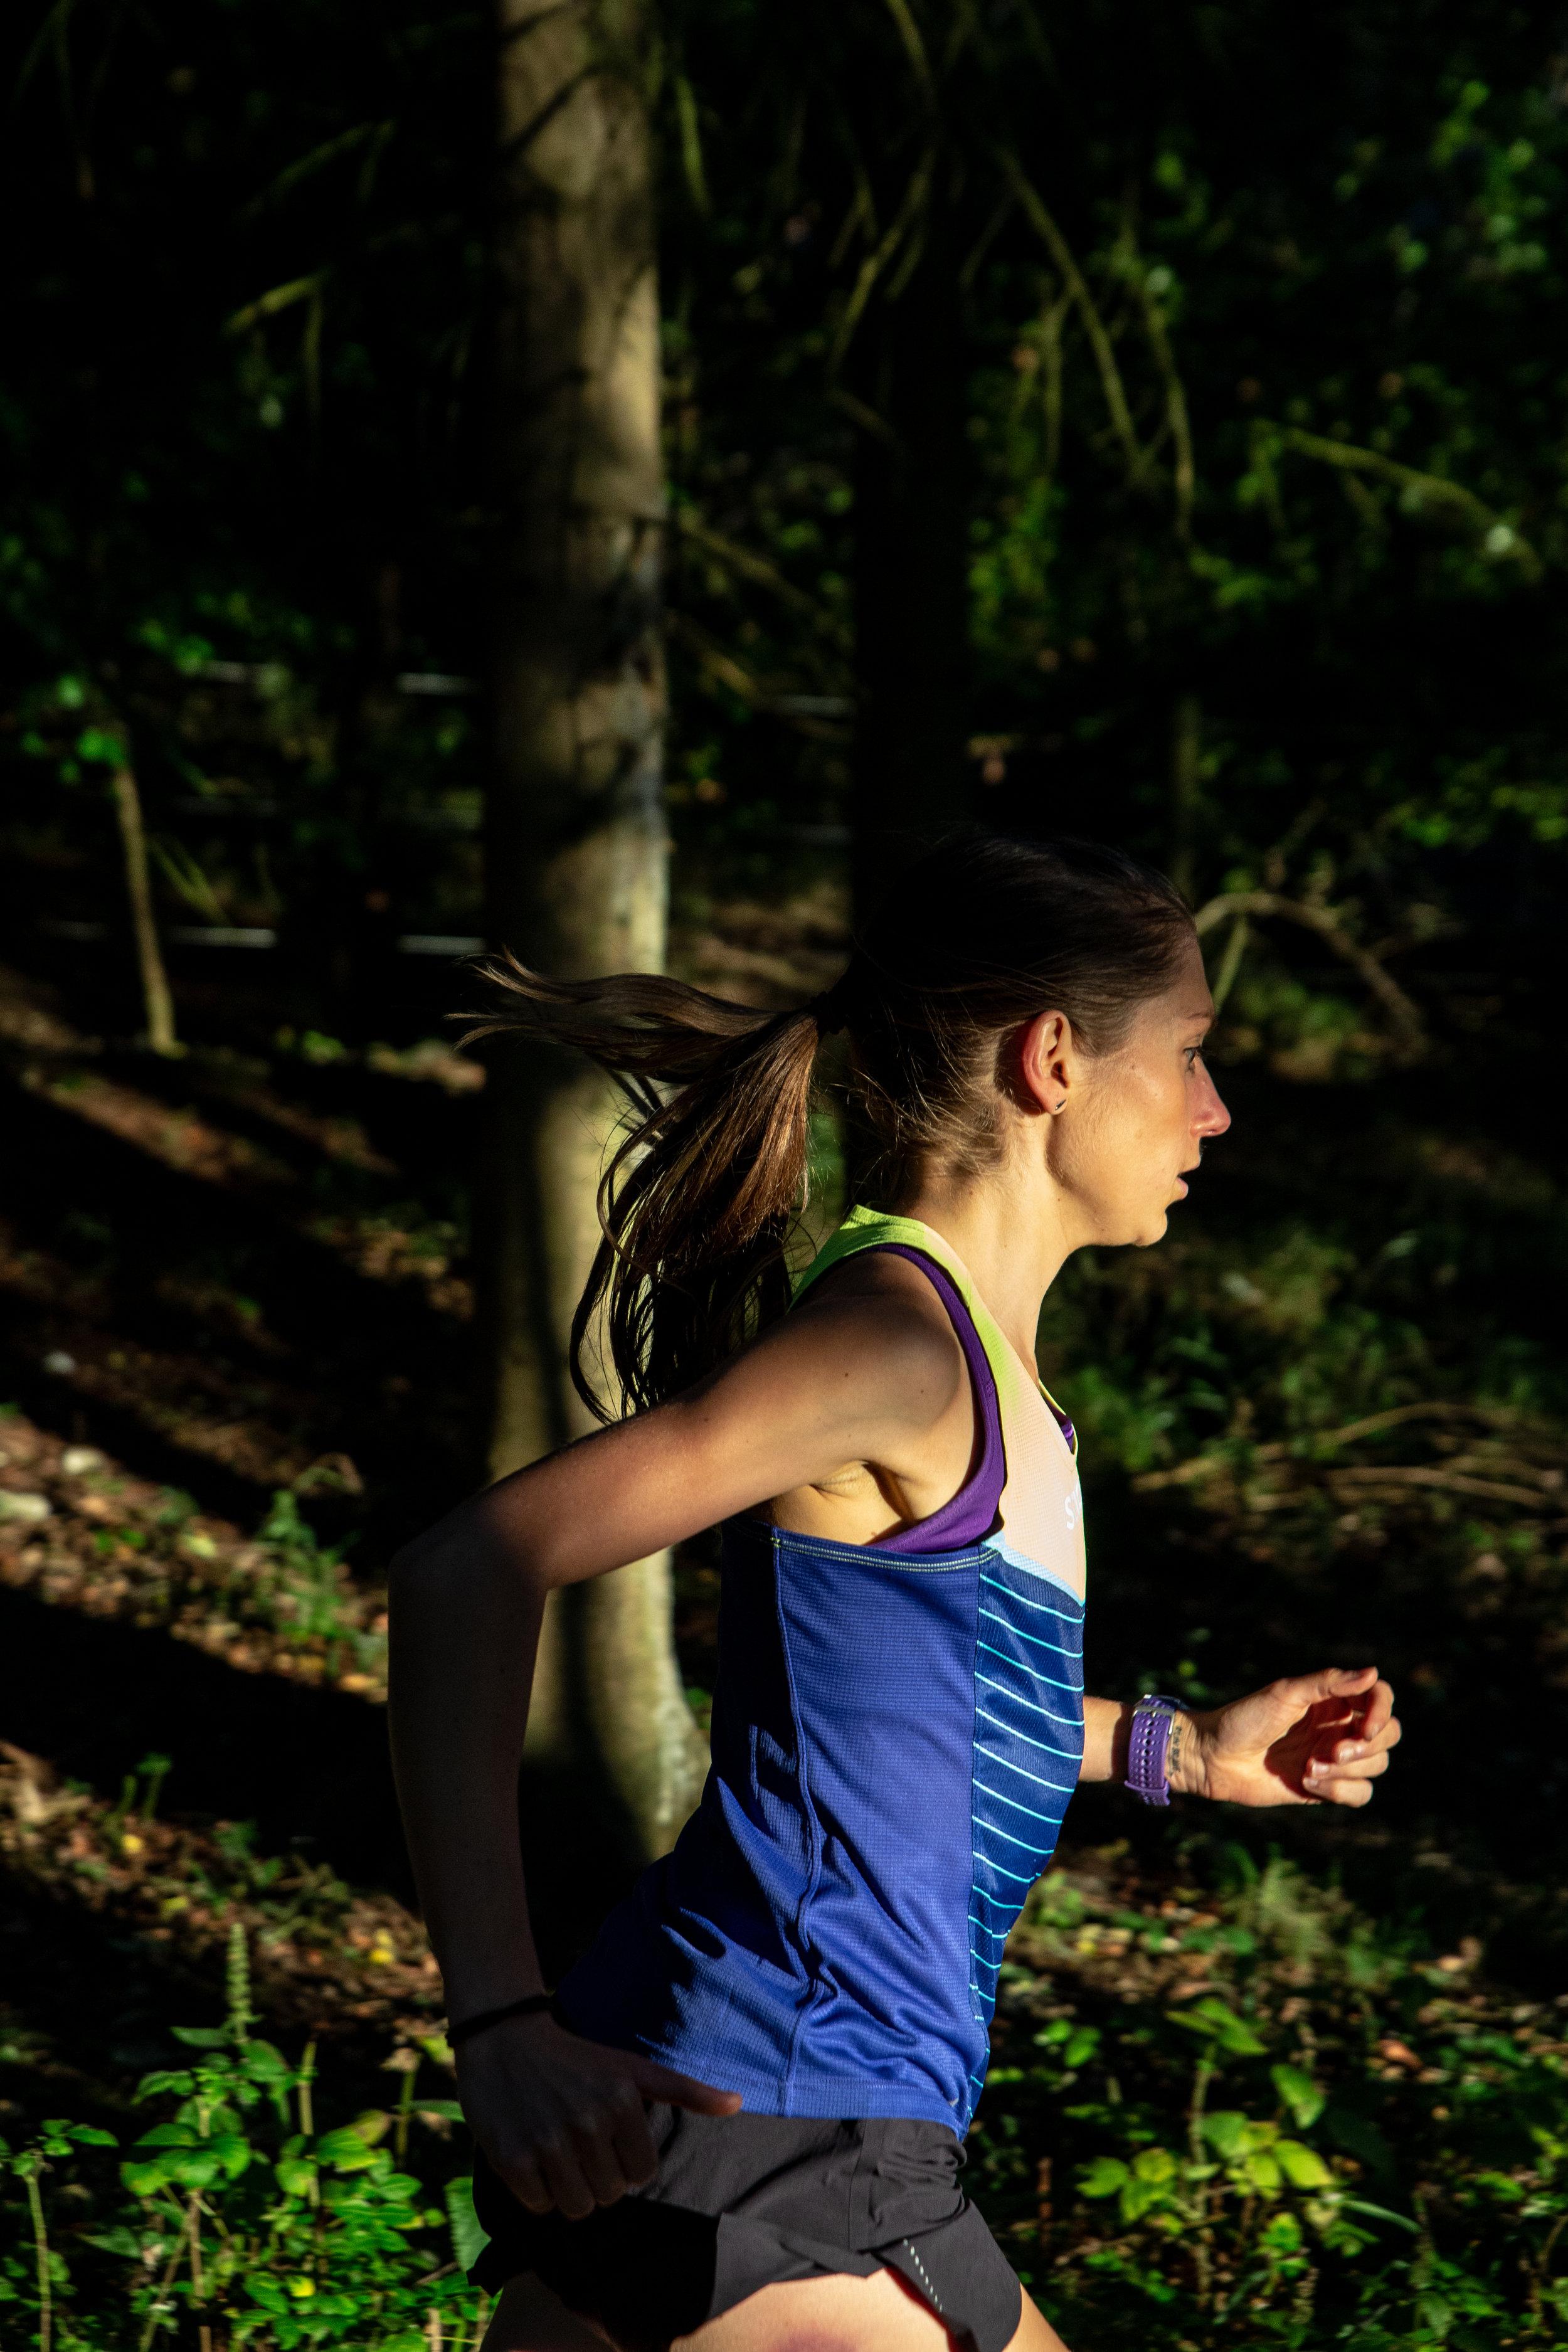 Anna_Running-31.jpg